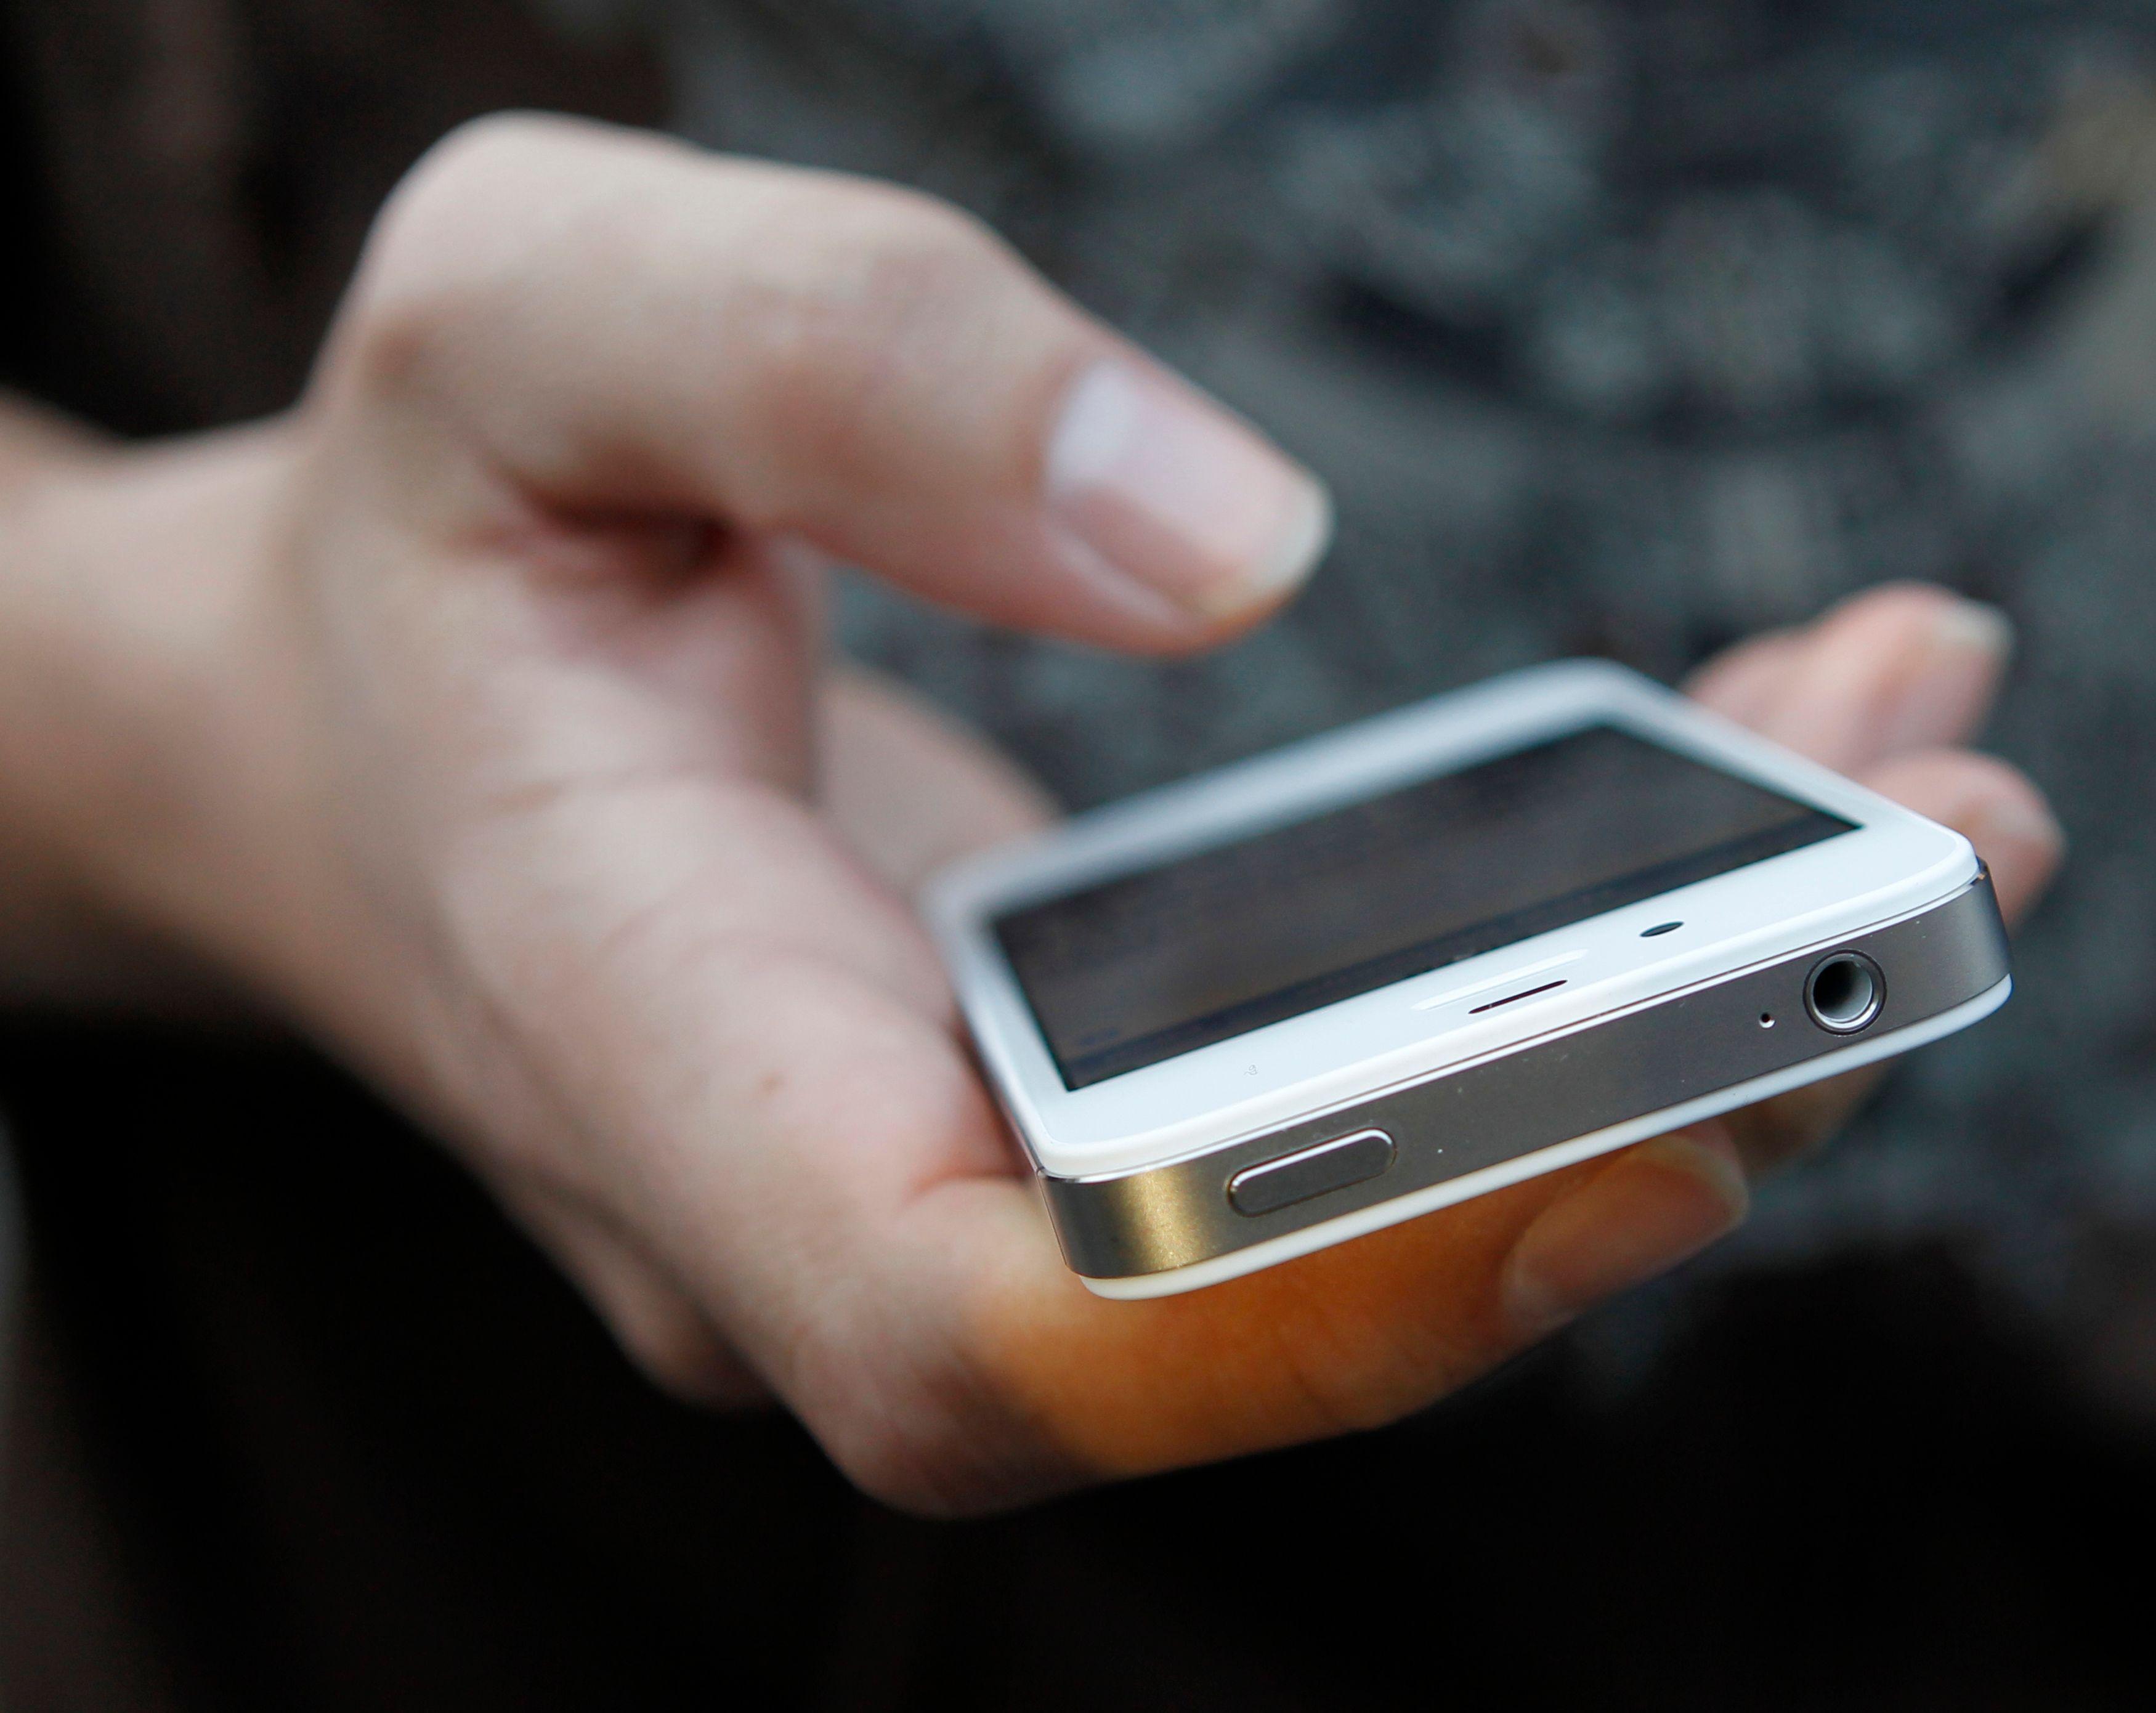 La sécurité de nos téléphones mobiles est de plus en plus menacée.